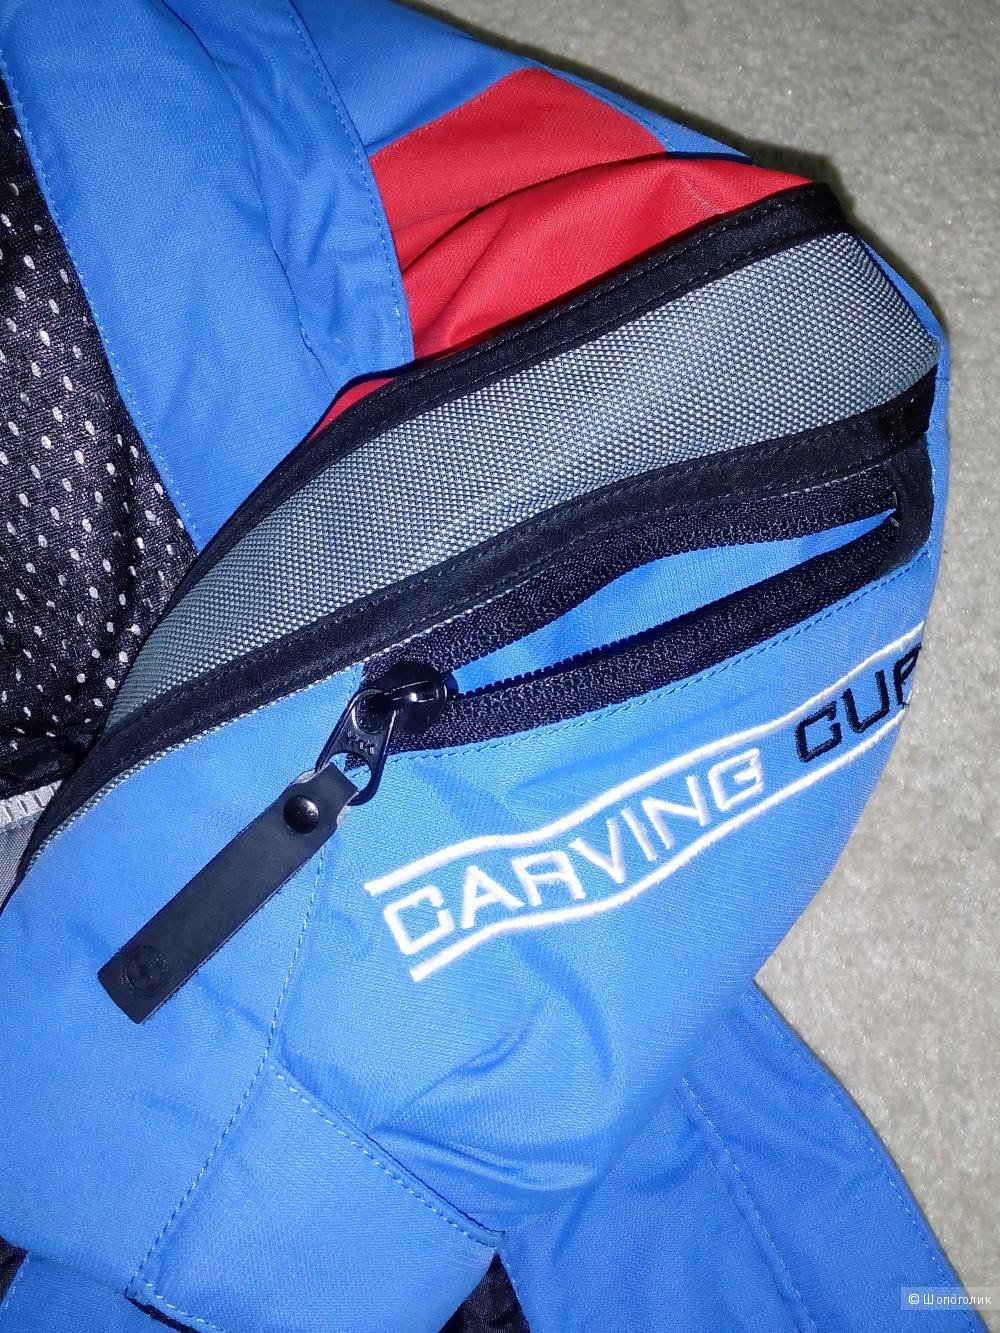 Куртка для активного отдыха COLMAR, горнолыжная куртка, размер 38